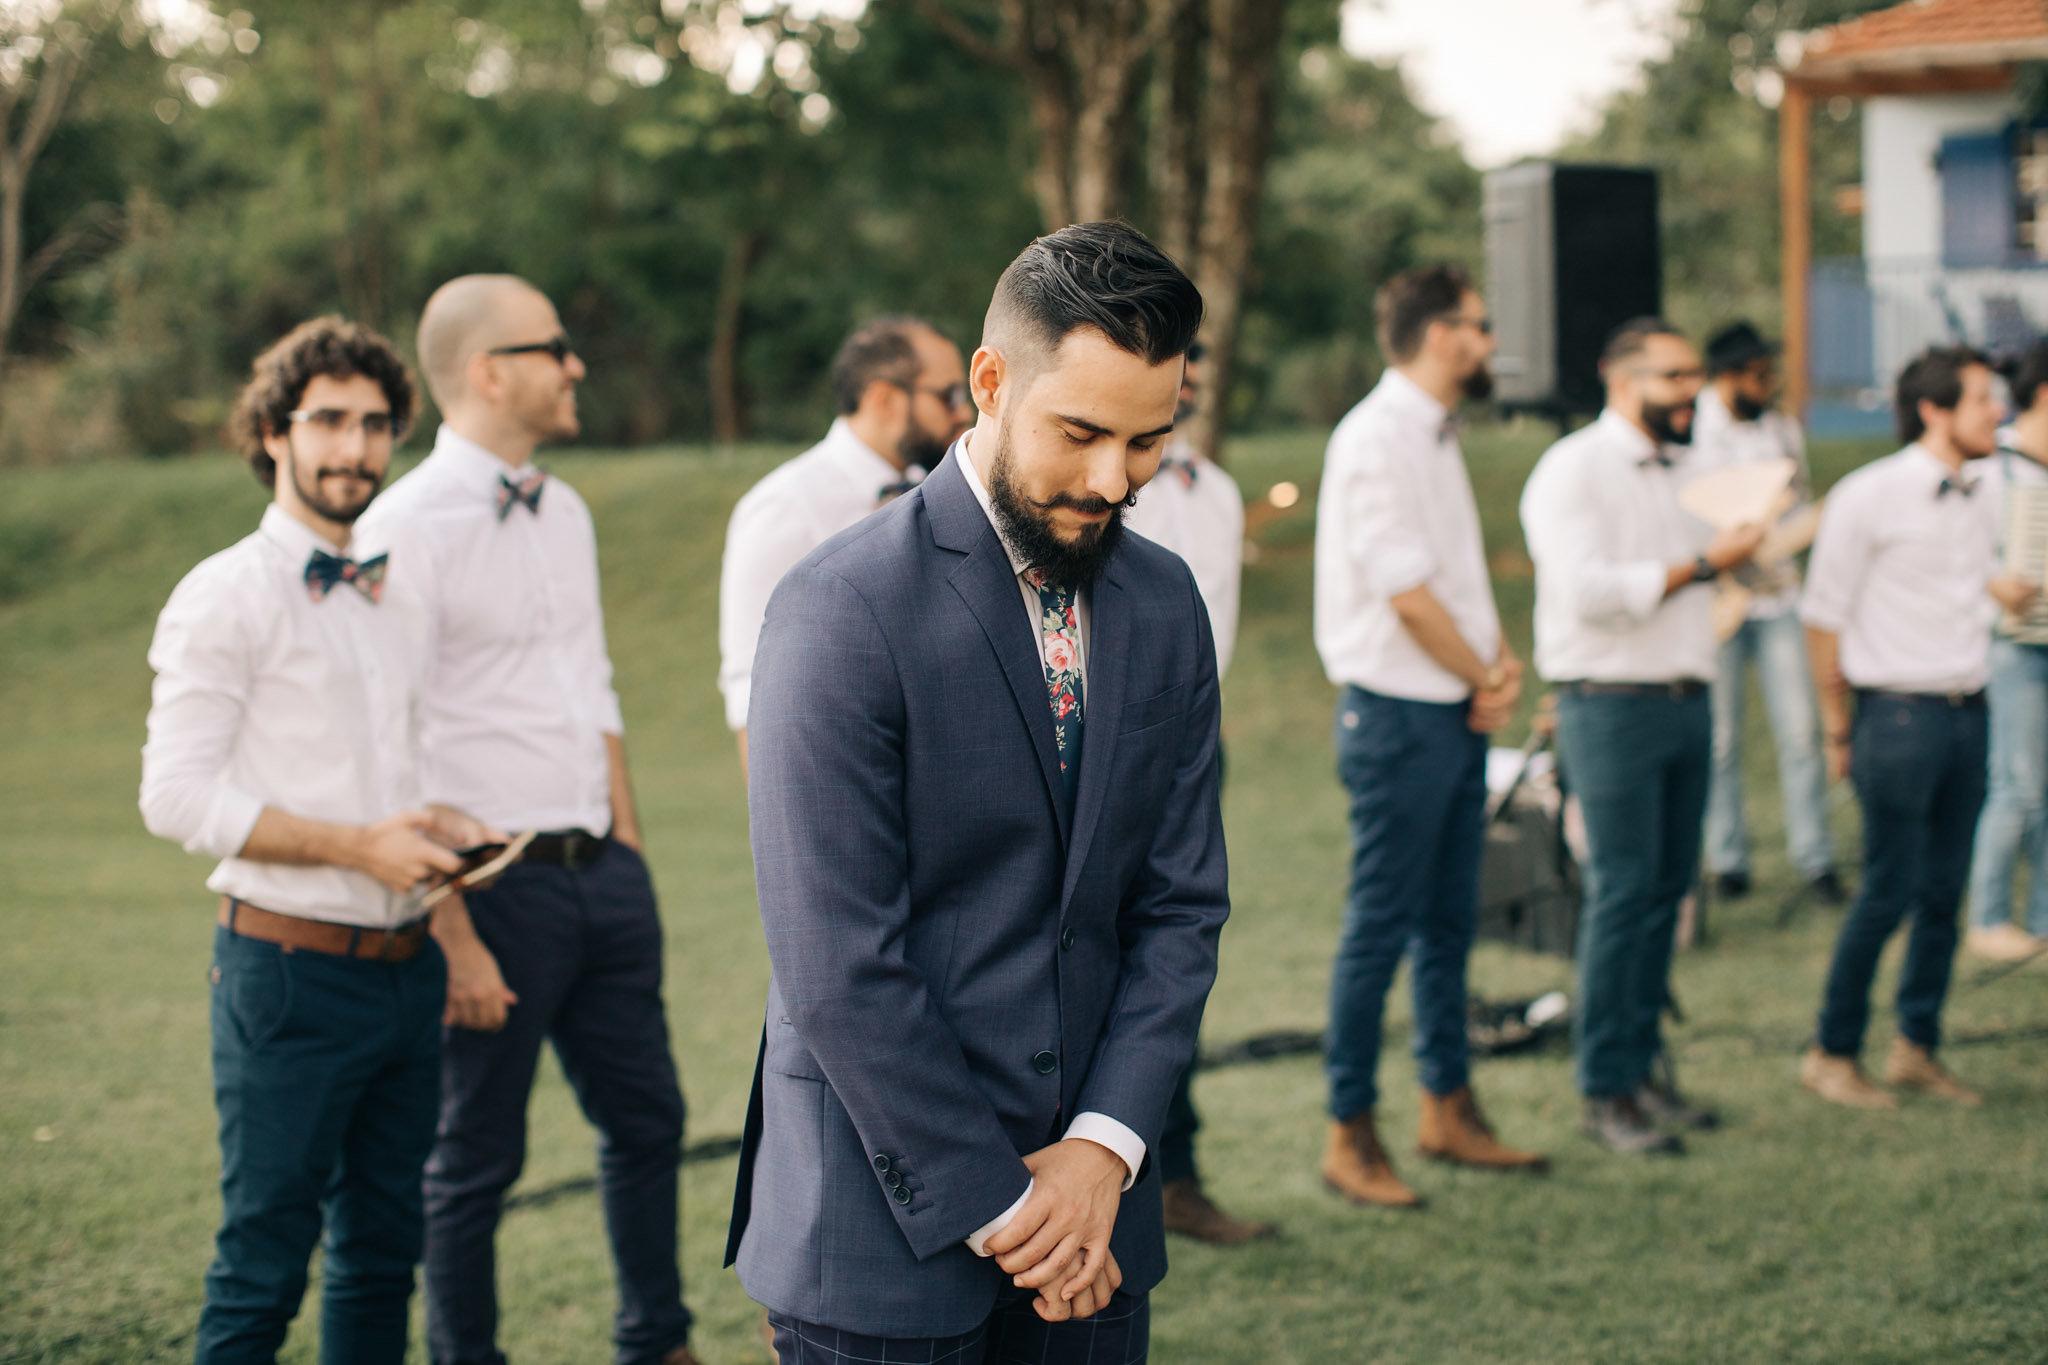 Trajes masculinos para casamento boho